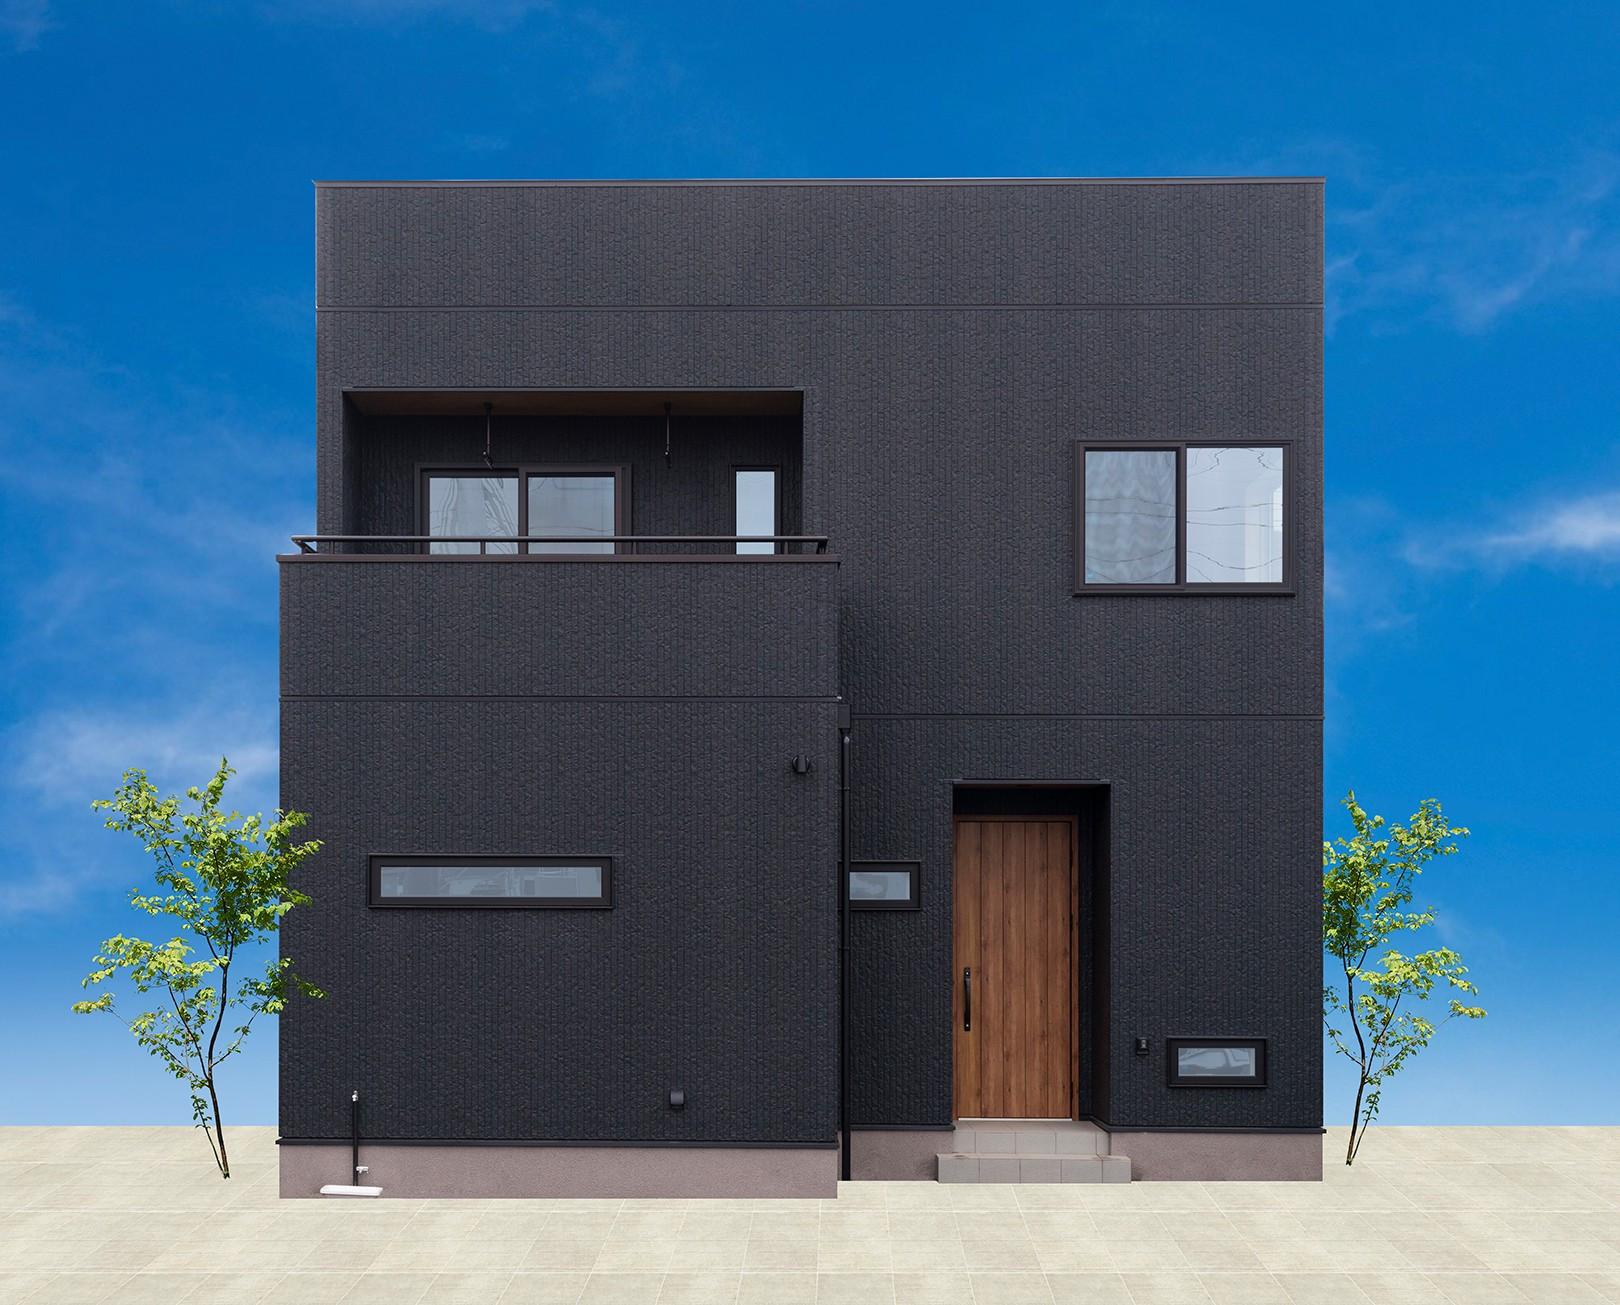 住むほどに愛着深まる温もりのお家 アイキャッチ画像